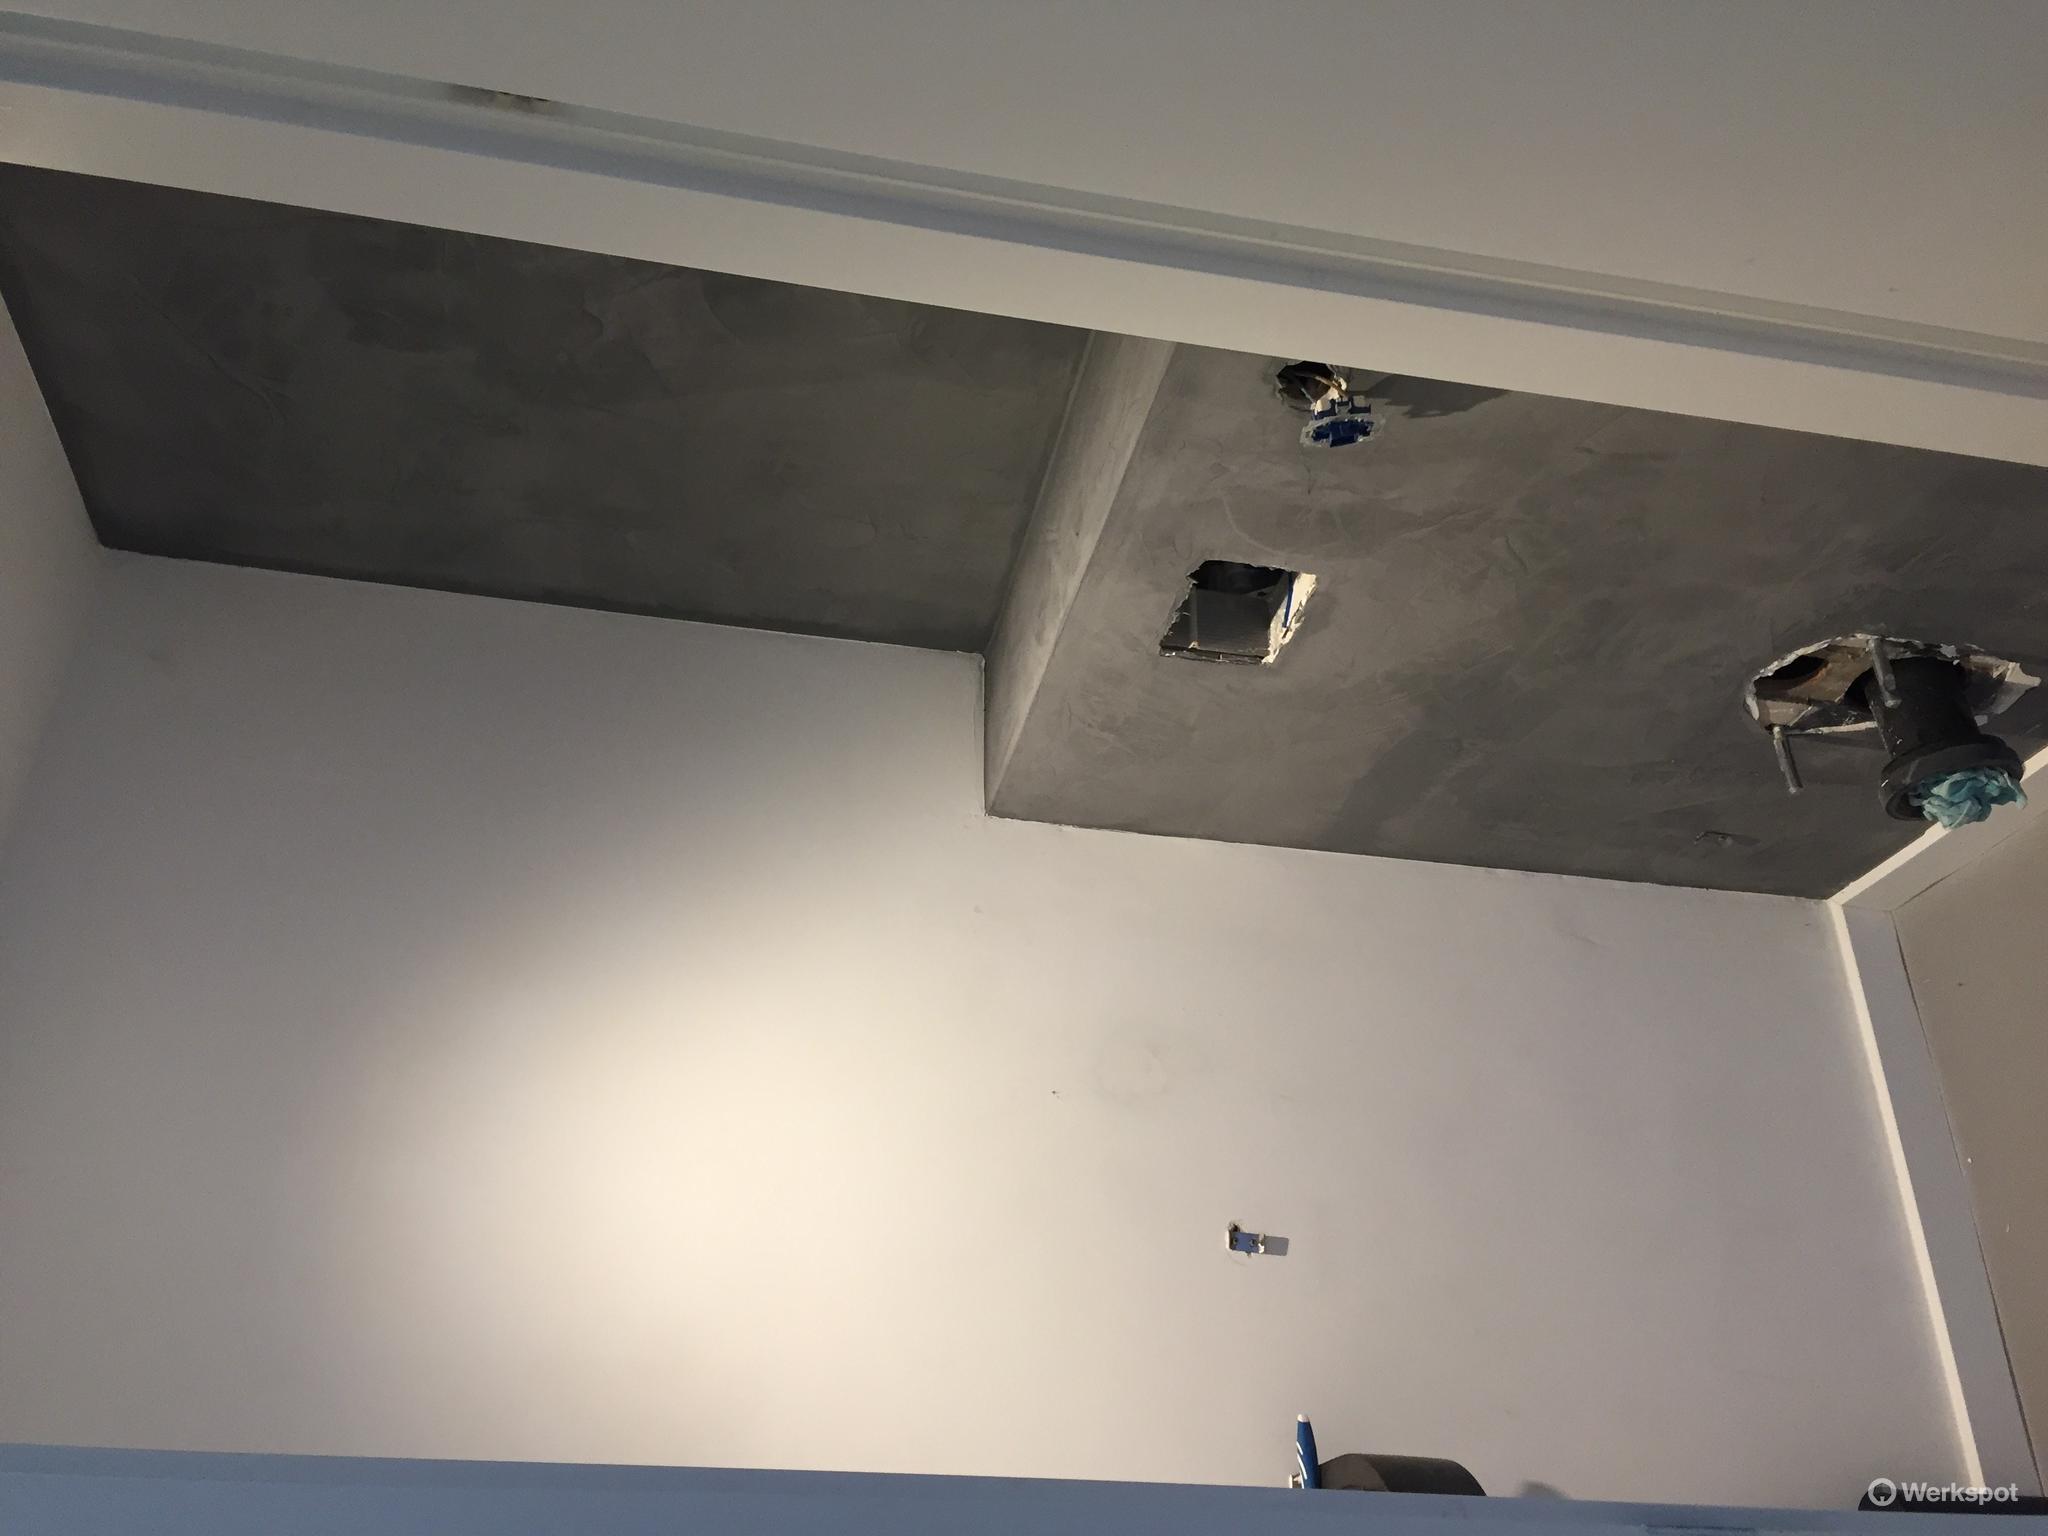 Wc stuccen achterwand in pandomo betonstuc beton ciré werkspot